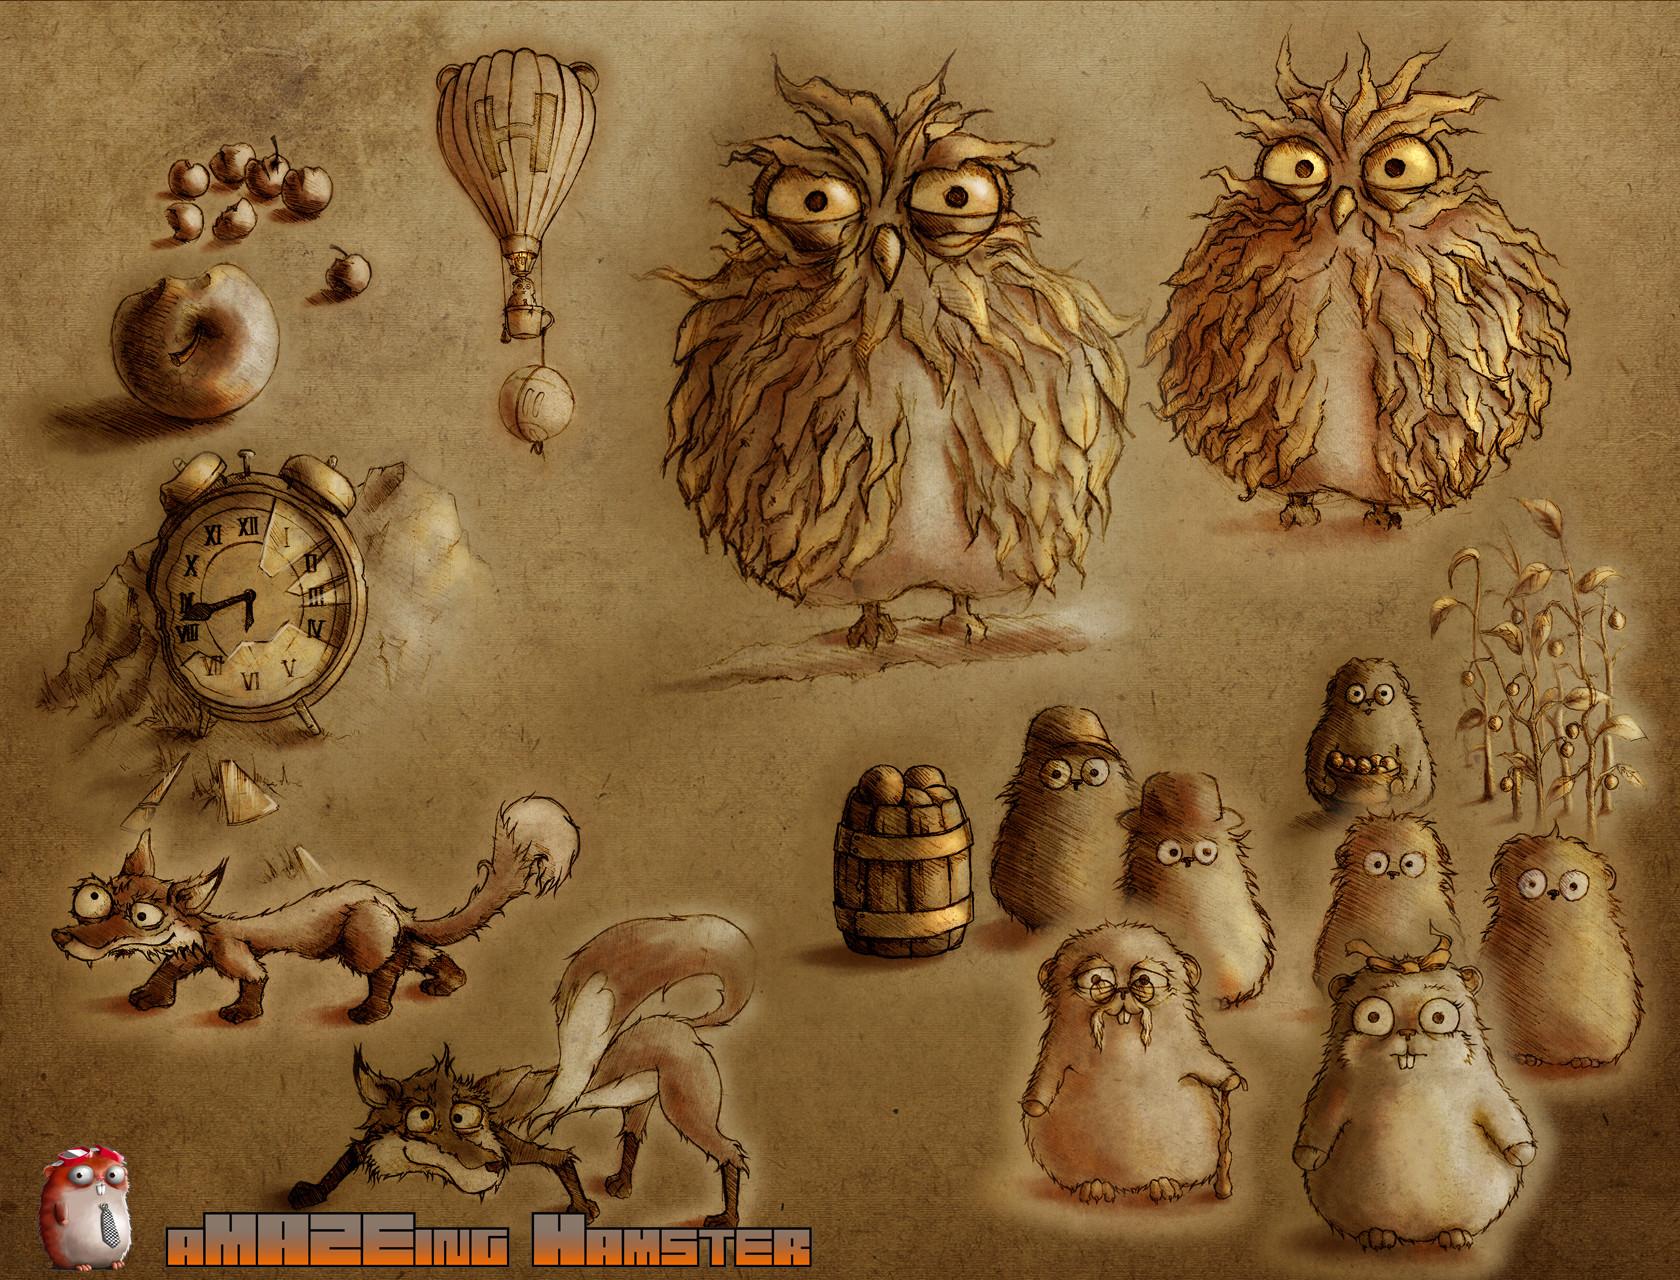 Diego peinador hamster intro sketches